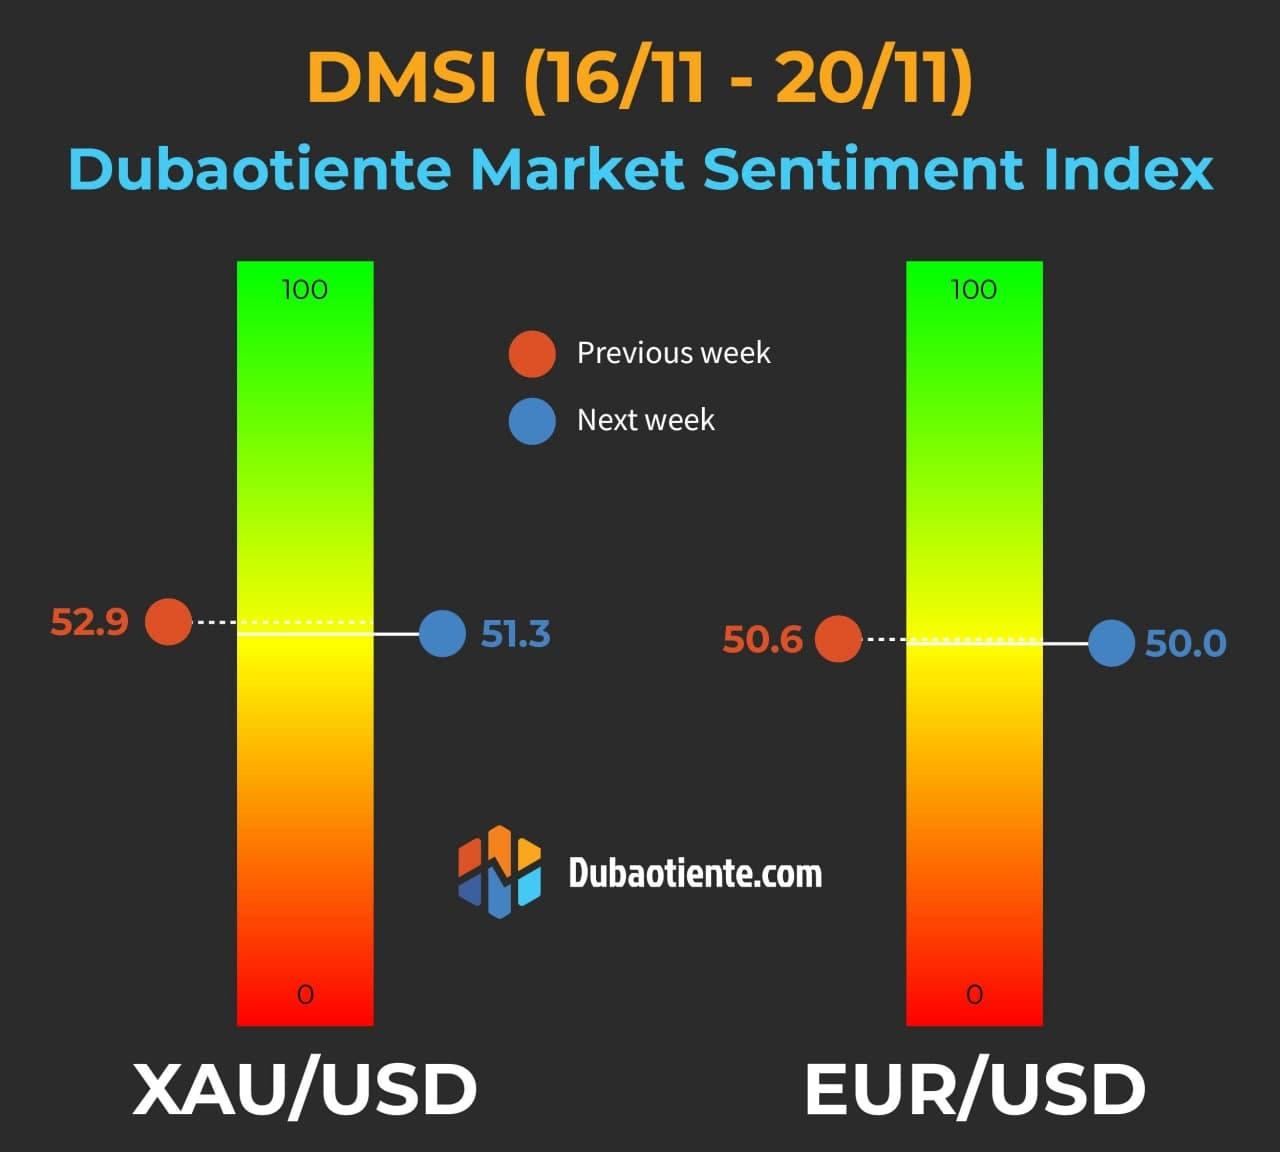 Chỉ số DMSI tuần 16/11-20/11: Sự thận trọng bao trùm khắp thị trường.